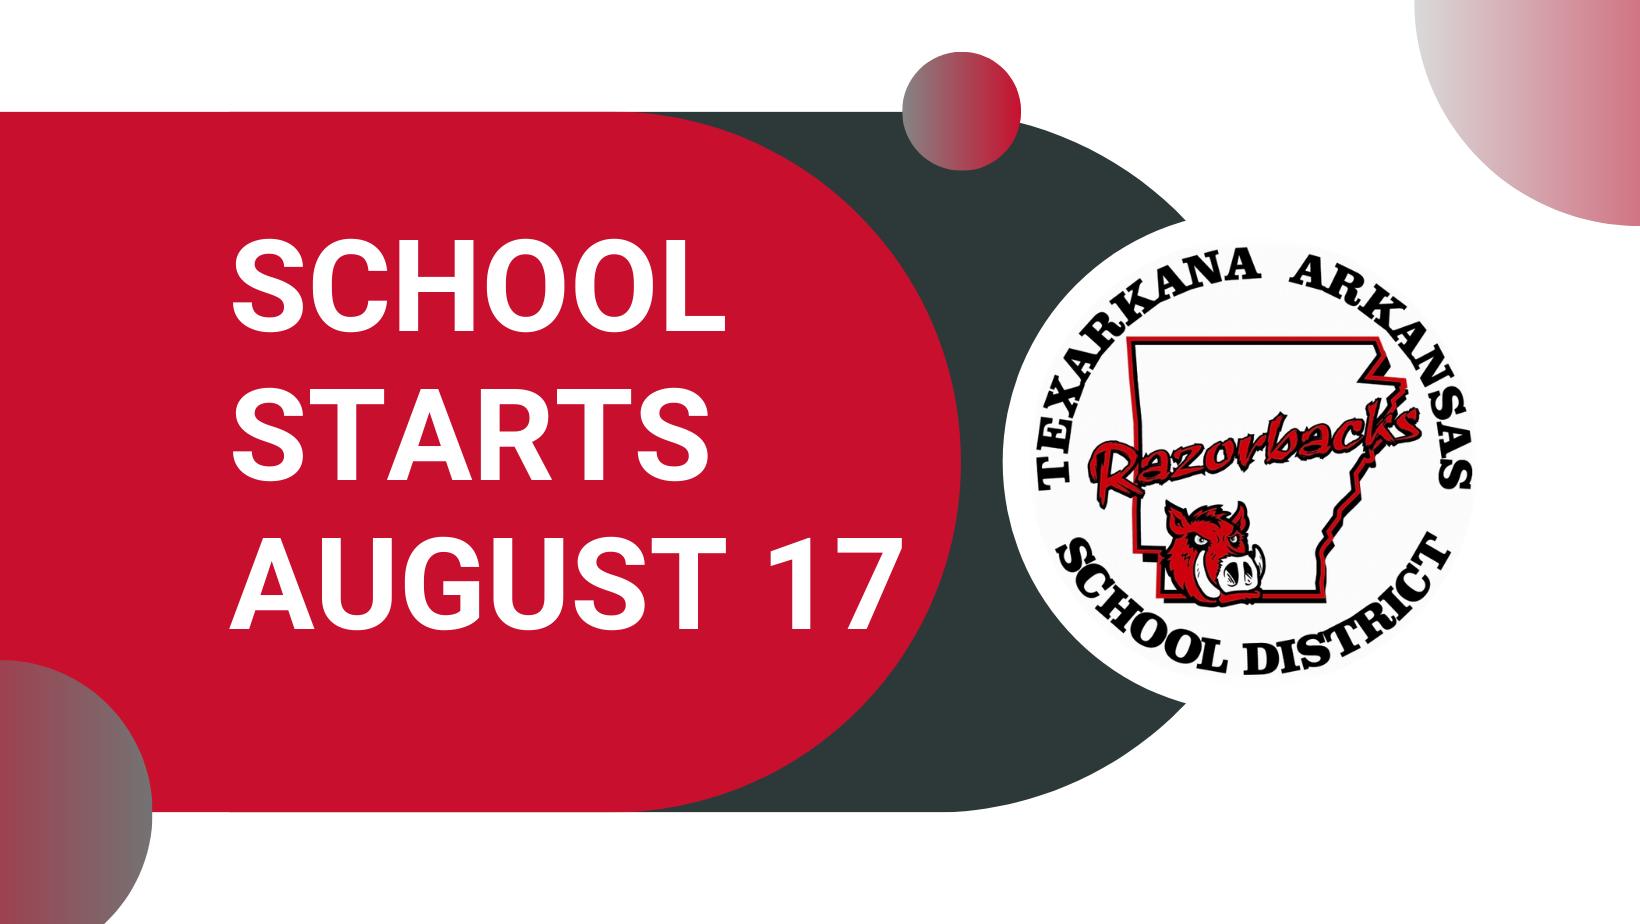 School starts August 17